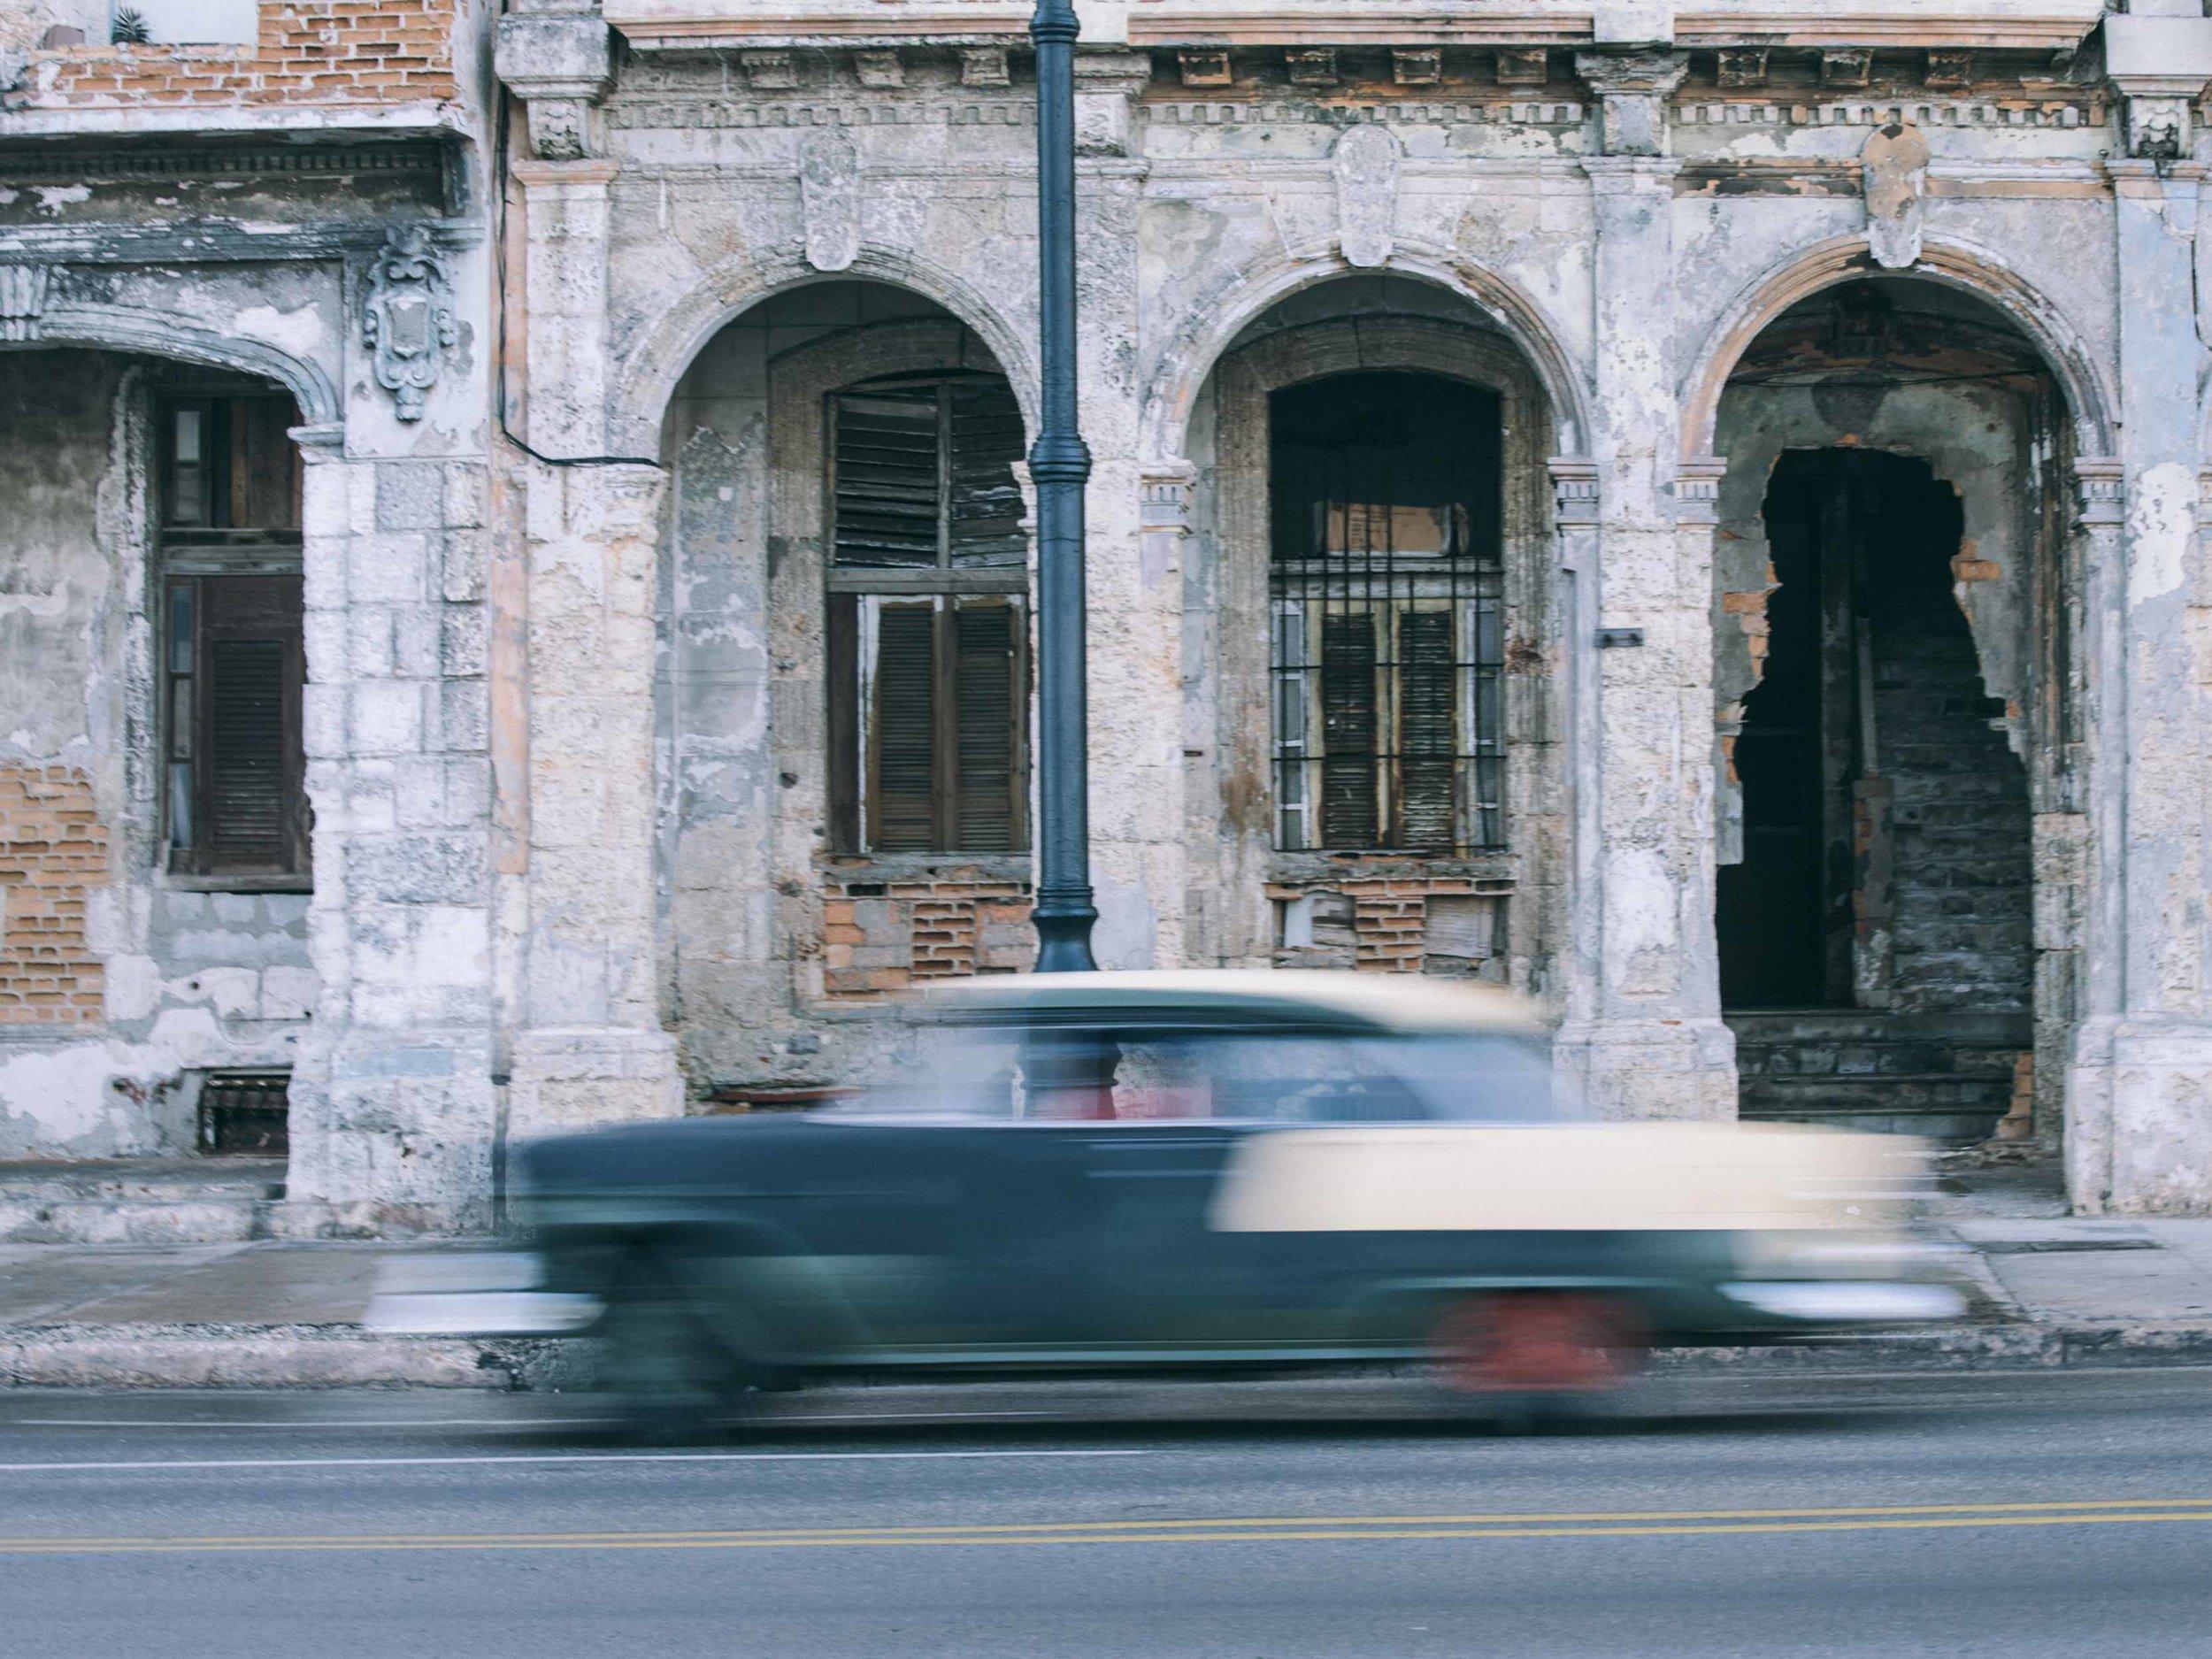 Cuba-davidbraud-0610.jpg